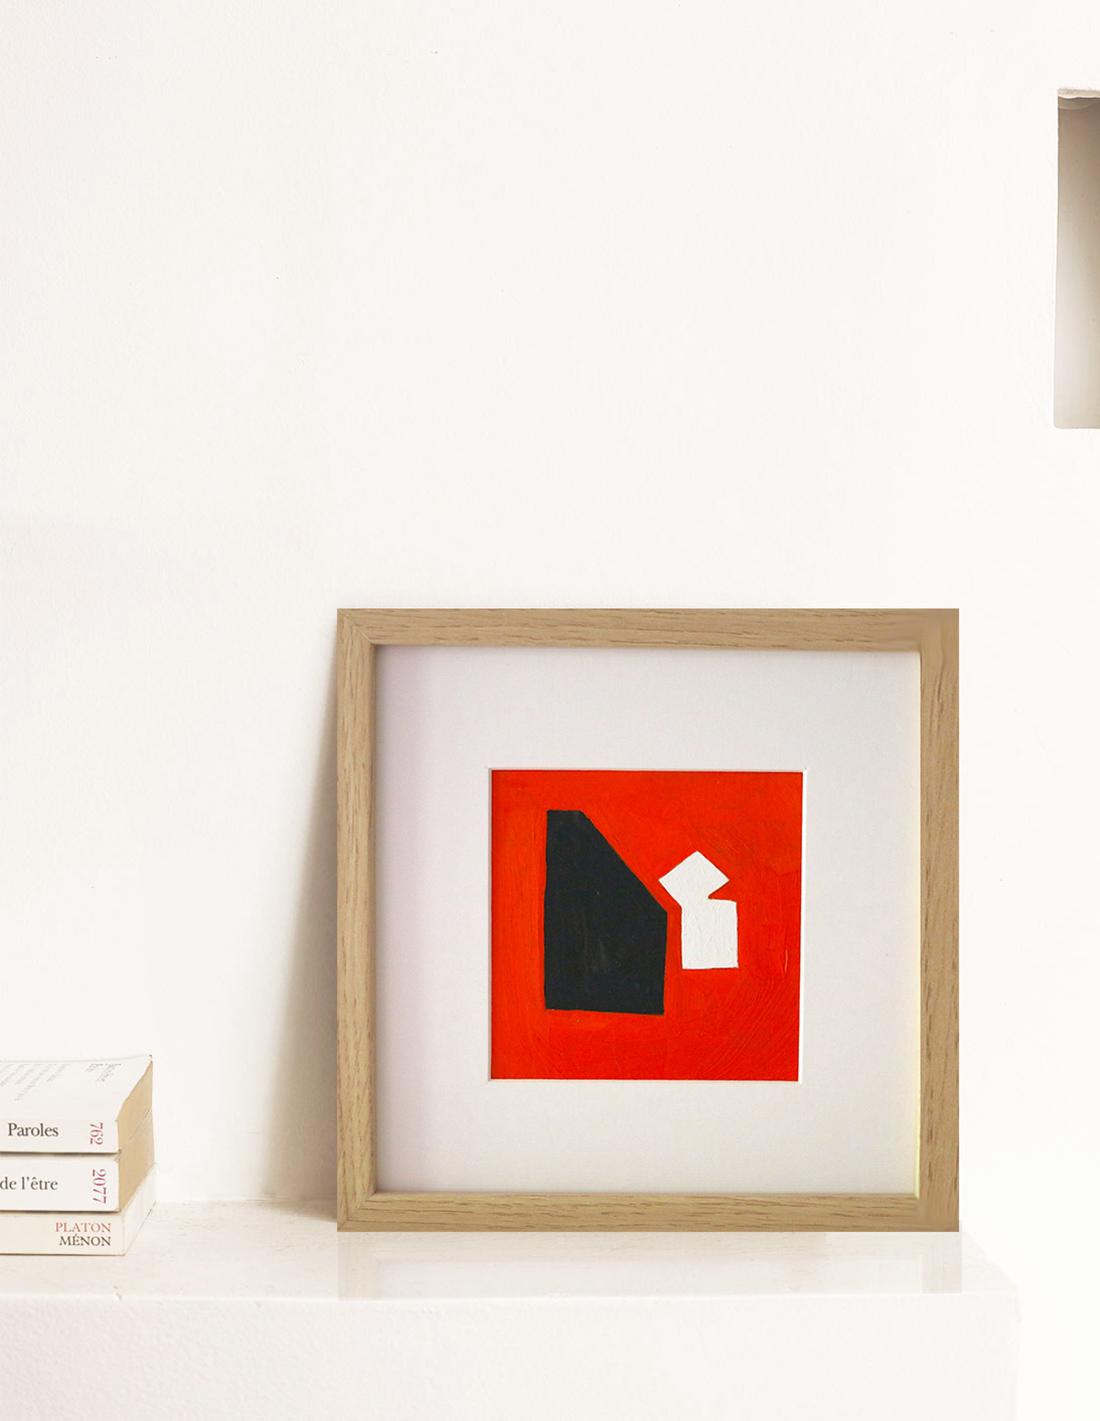 Oeuvre sur papier - Virginie Hucher - Orange mécanique